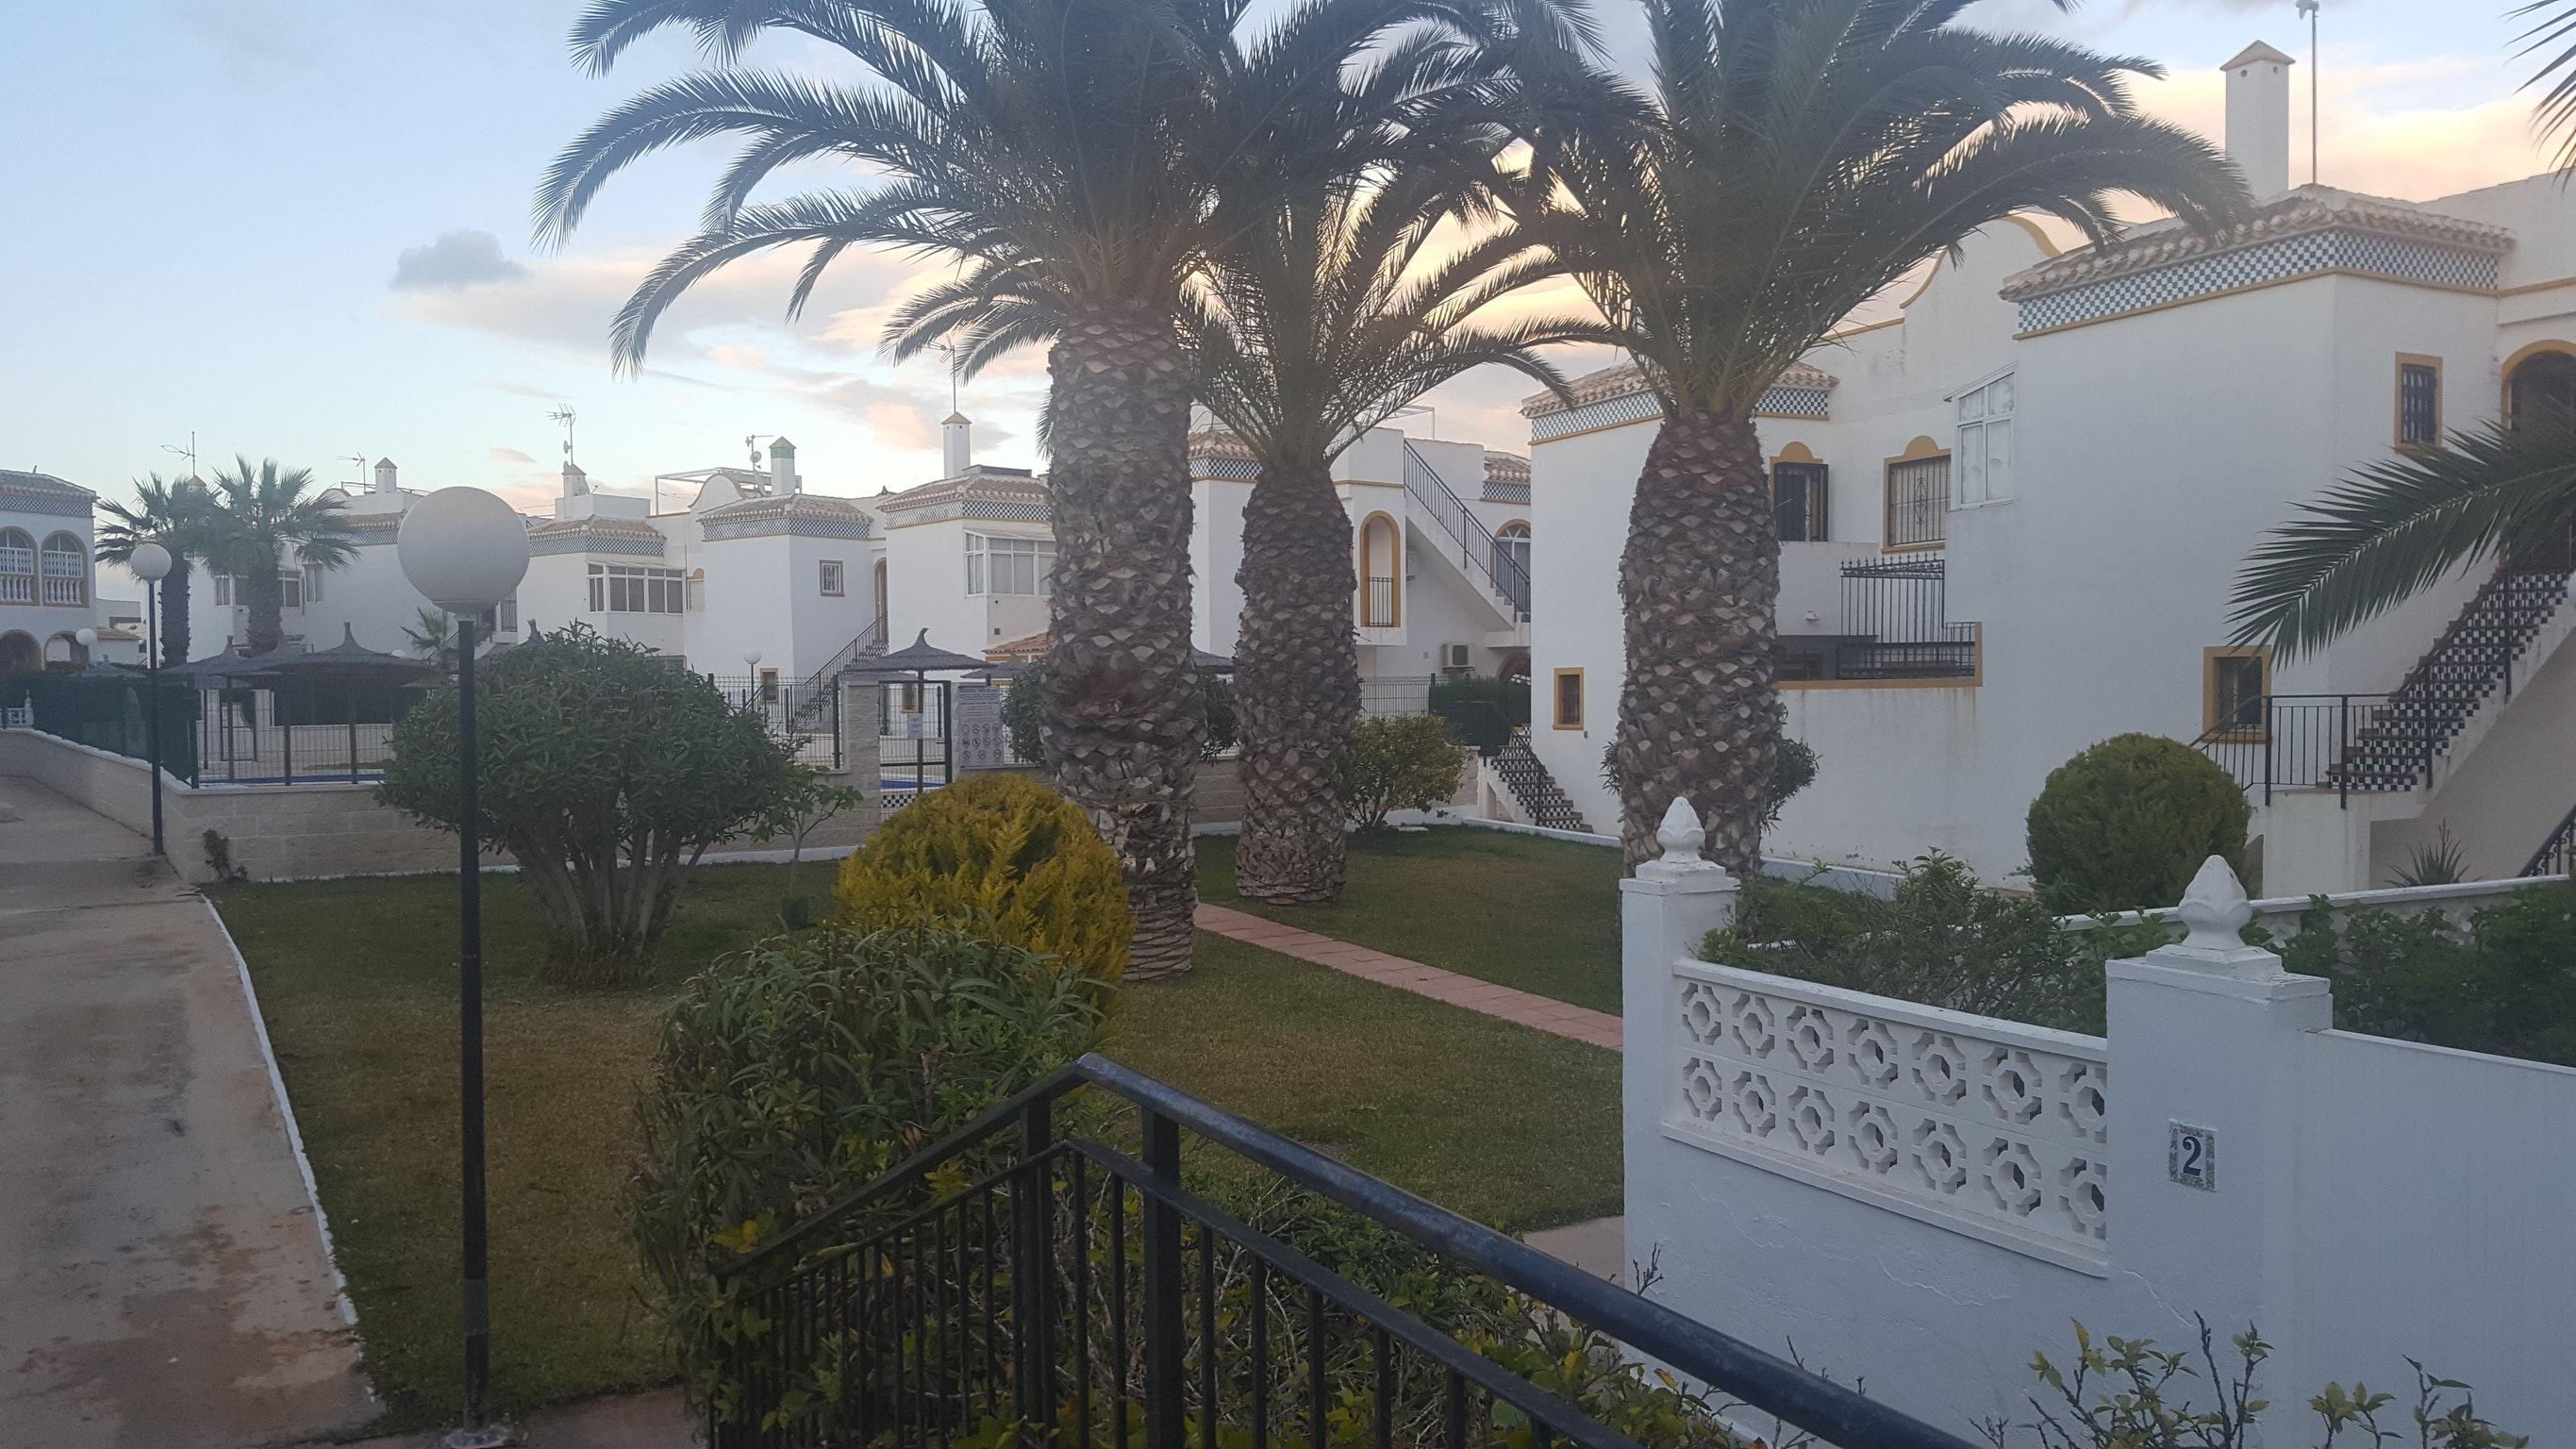 Ferienhaus Sonniges Haus mit 2 Schlafzimmern, WLAN, Swimmingpool und Solarium nahe Torrevieja - 1km z (2202043), Torrevieja, Costa Blanca, Valencia, Spanien, Bild 13